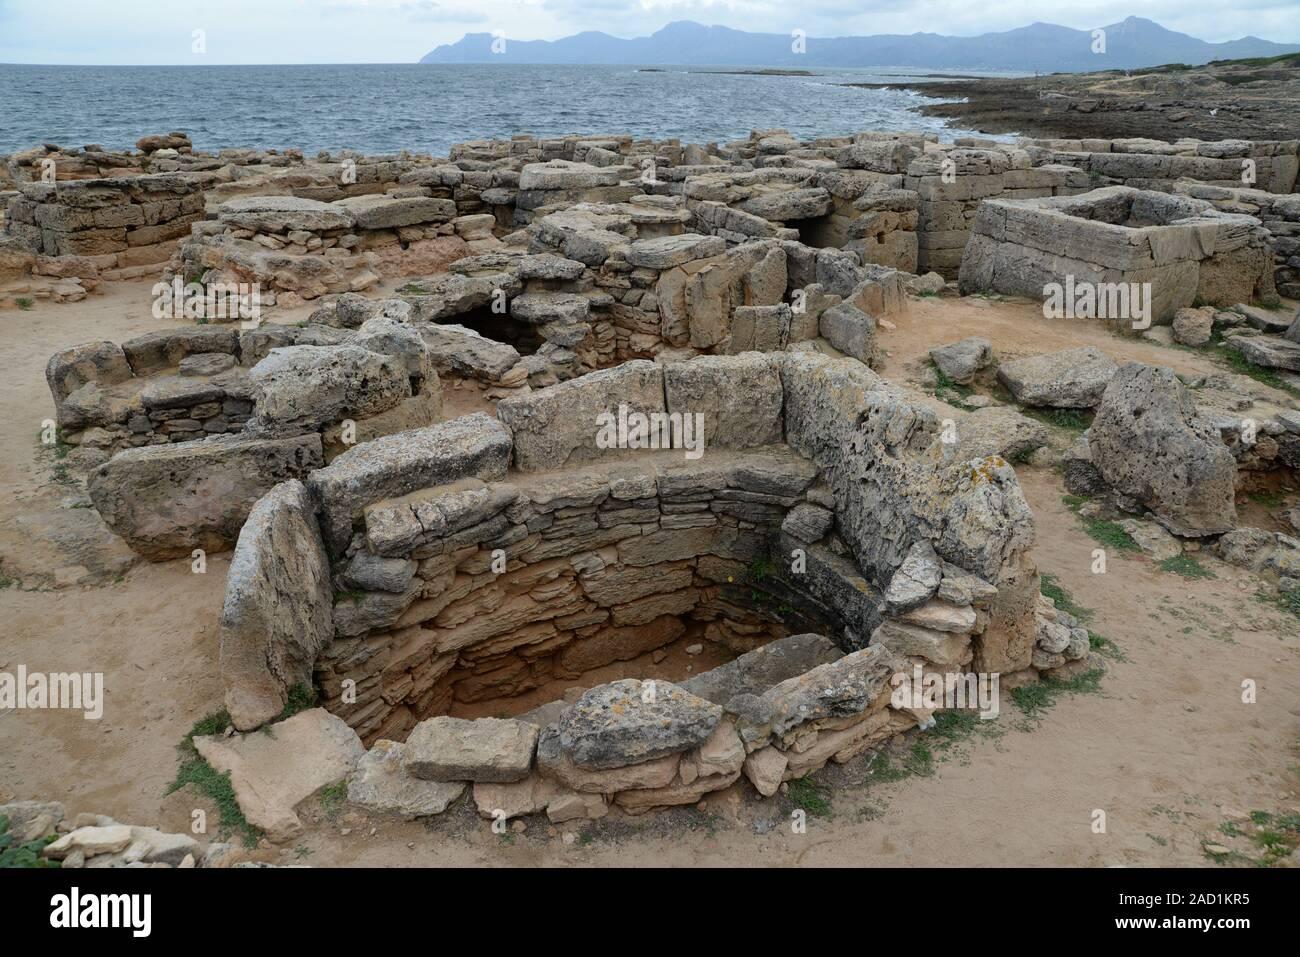 La necrópolis de Son Real, Mallorca Foto de stock